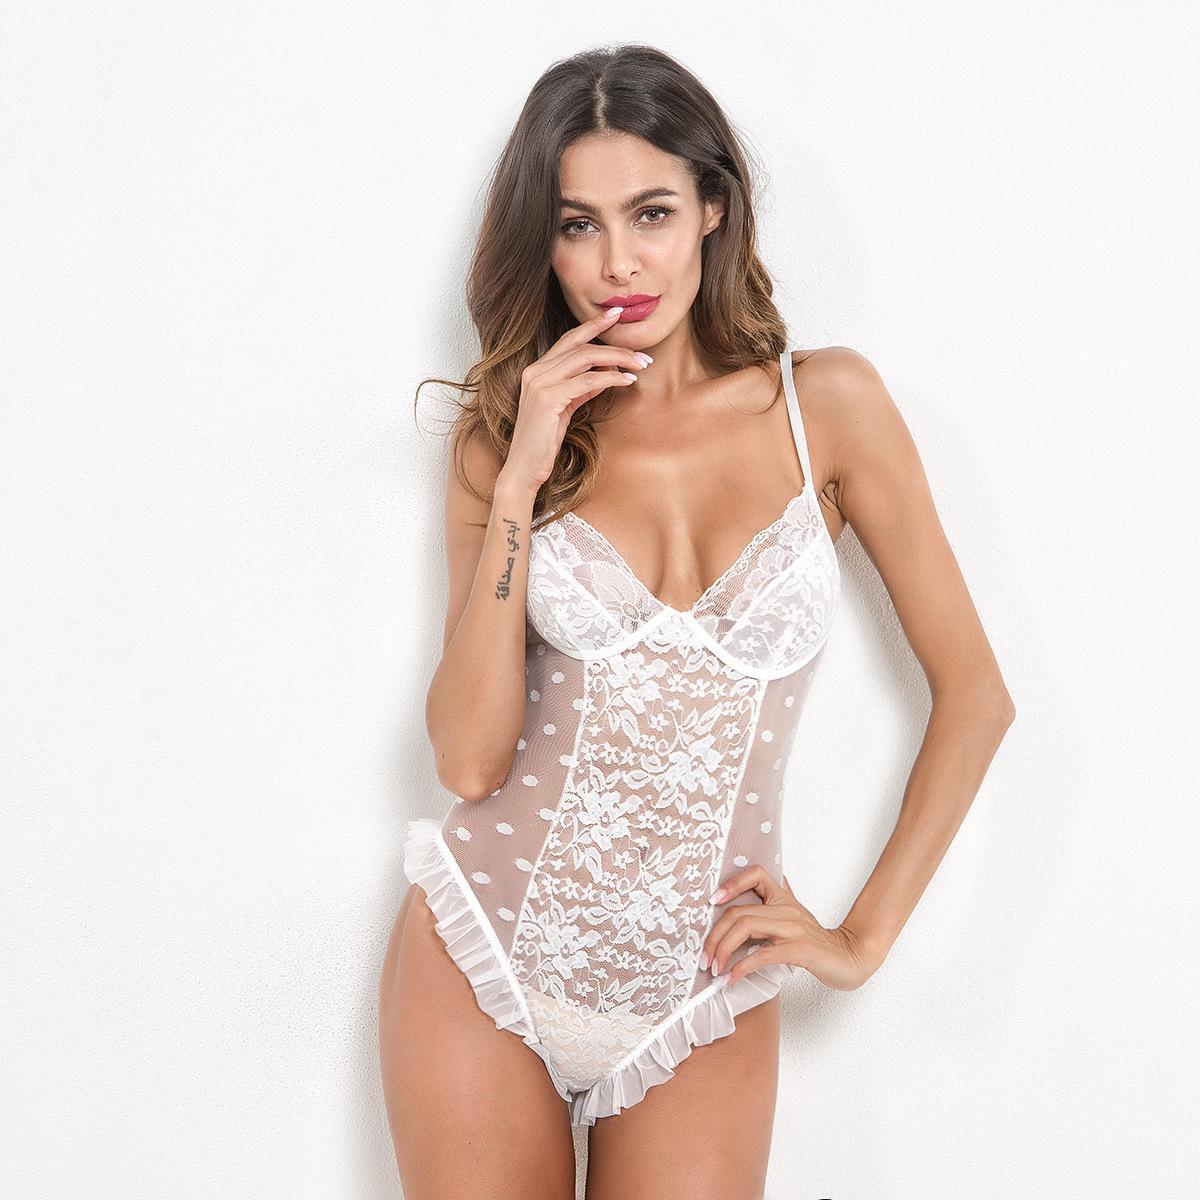 ae8f5b415 Satın Al Erotik Iç Çamaşırı Kadın Seksi Dantel Bodysuit Perspektif Tulum  Tulum Seksi Teddy Lingerie Günaha Seksi Iç Çamaşırı Yüksek Kaliteli  Hotsale